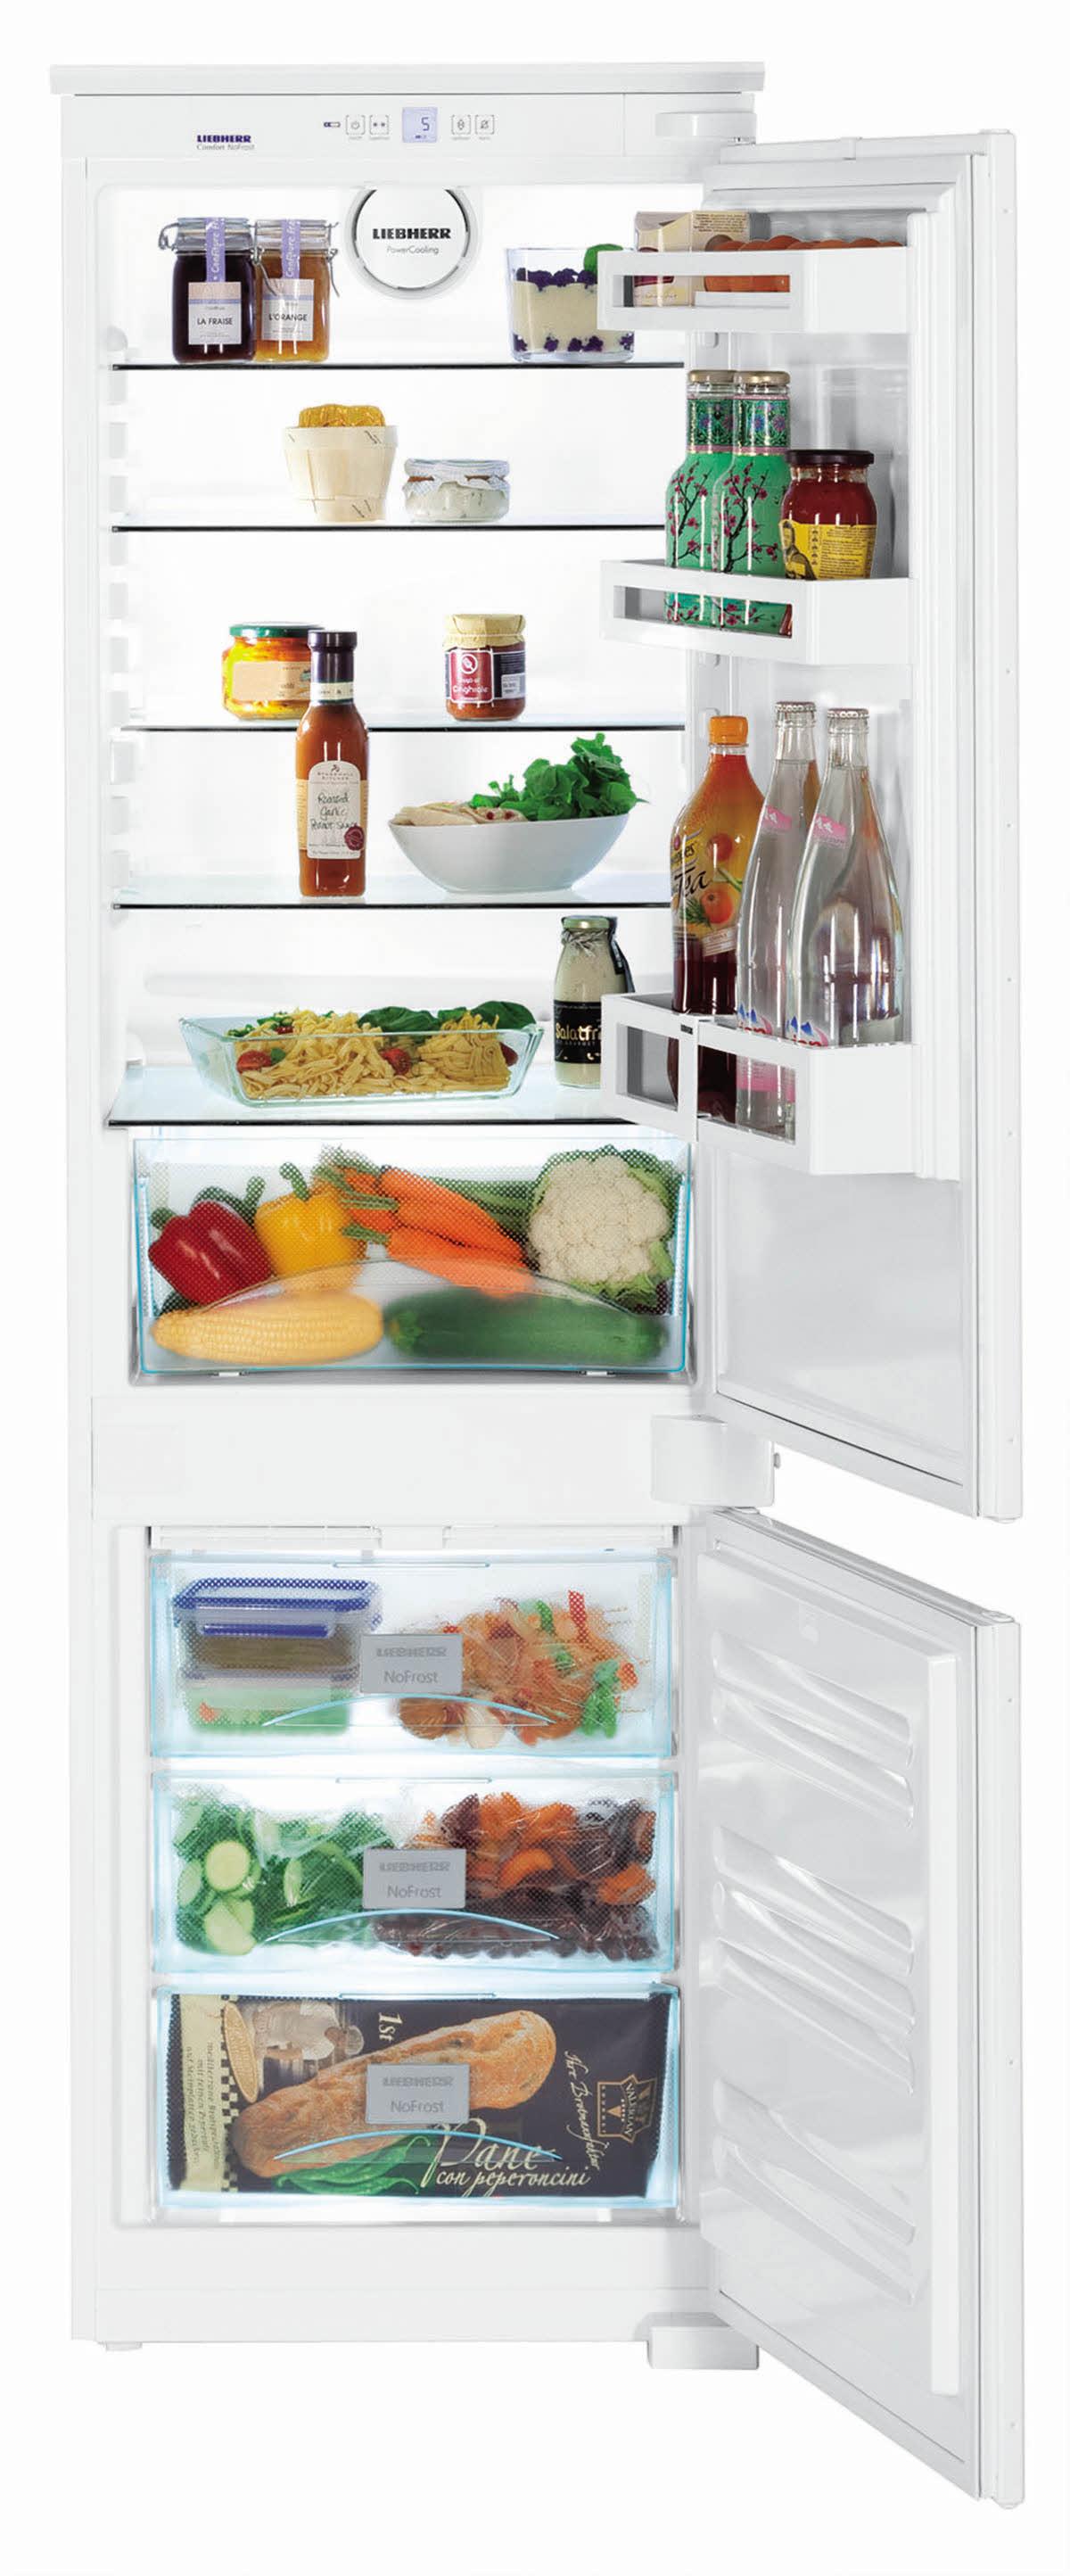 Встраиваемый холодильник LIEBHERR ICUNS 3314-20 001 от Ravta